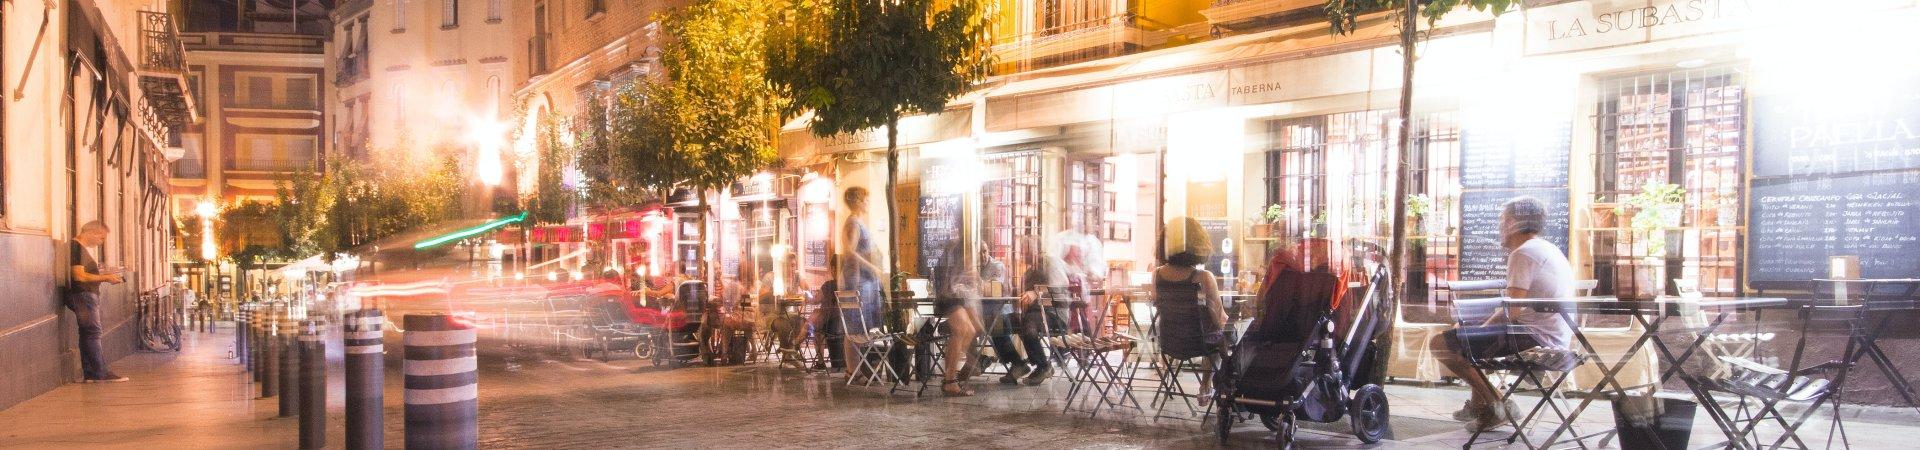 Straat met restaurants en terras. Foto: Tyler Hendy op Pexels